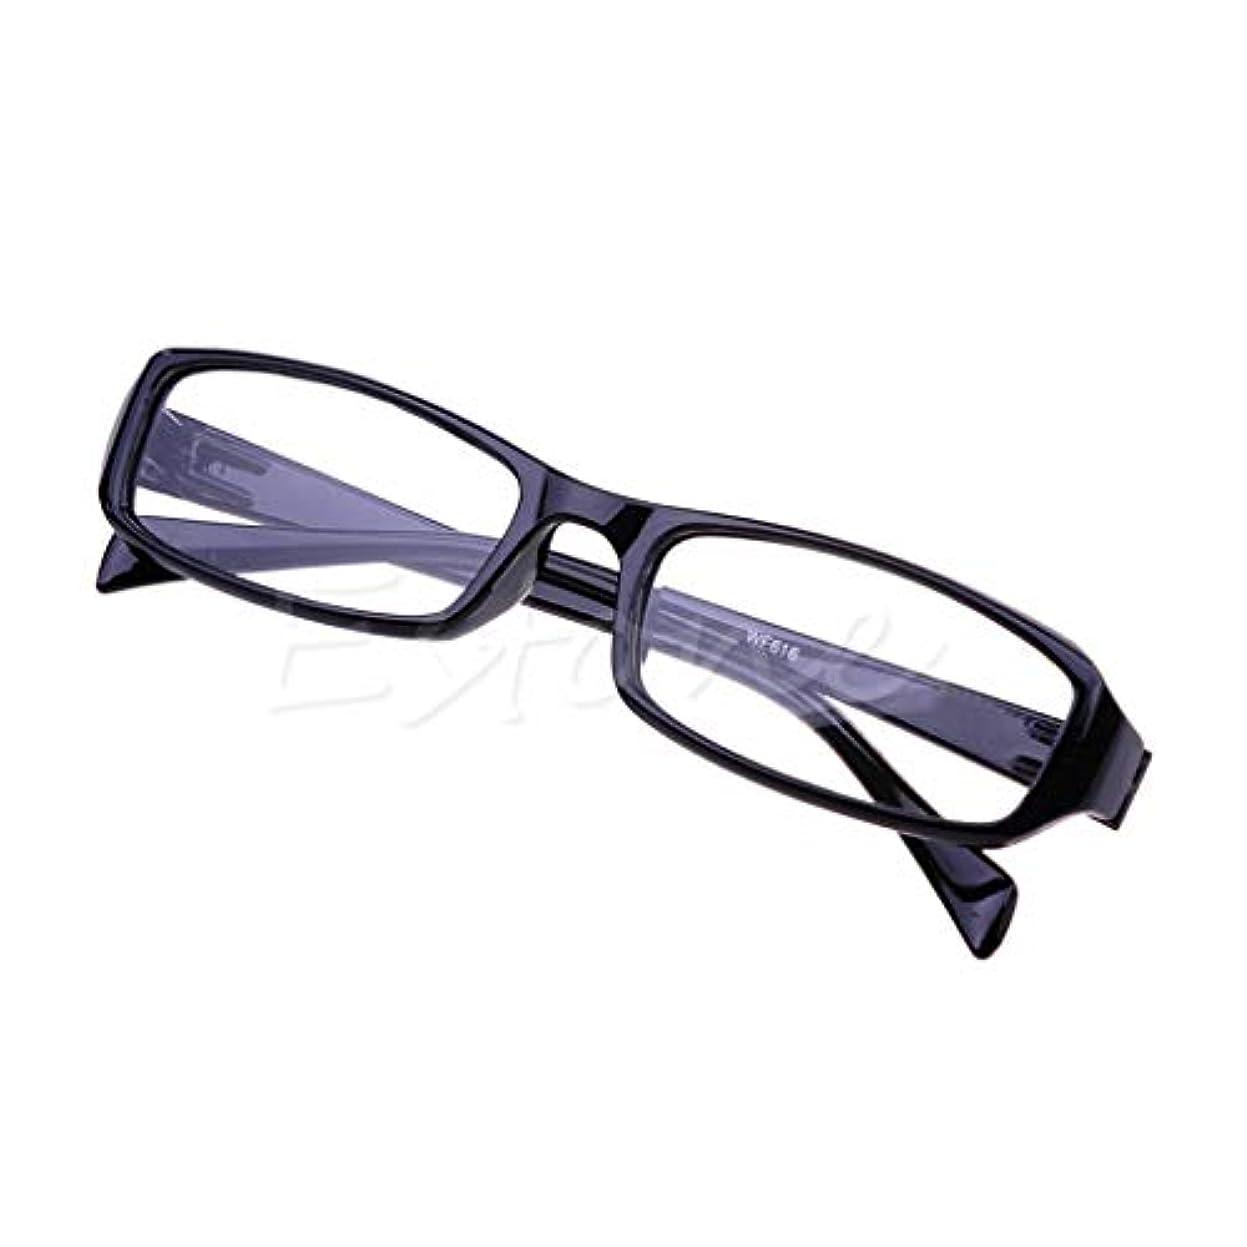 掘るなだめる食物jackyee 616ダブルトゥースレジンHdメガネ老眼鏡(黒)350度レジン老視メガネリーダー老眼鏡+2.00 3.00 3.50 4.00視度